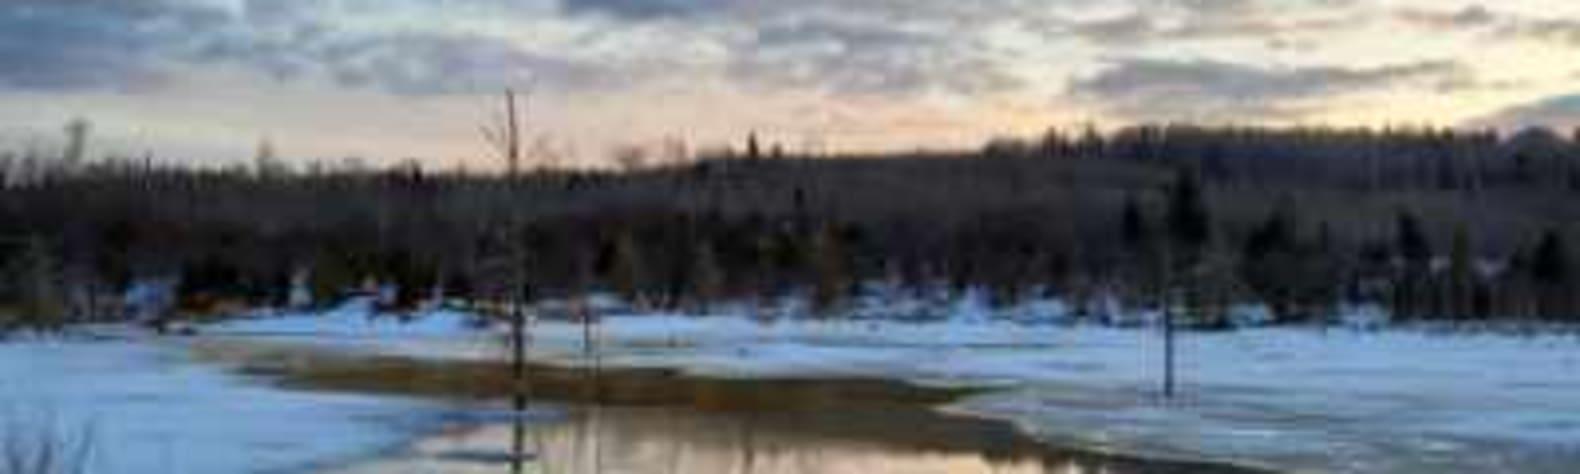 John C.'s Land